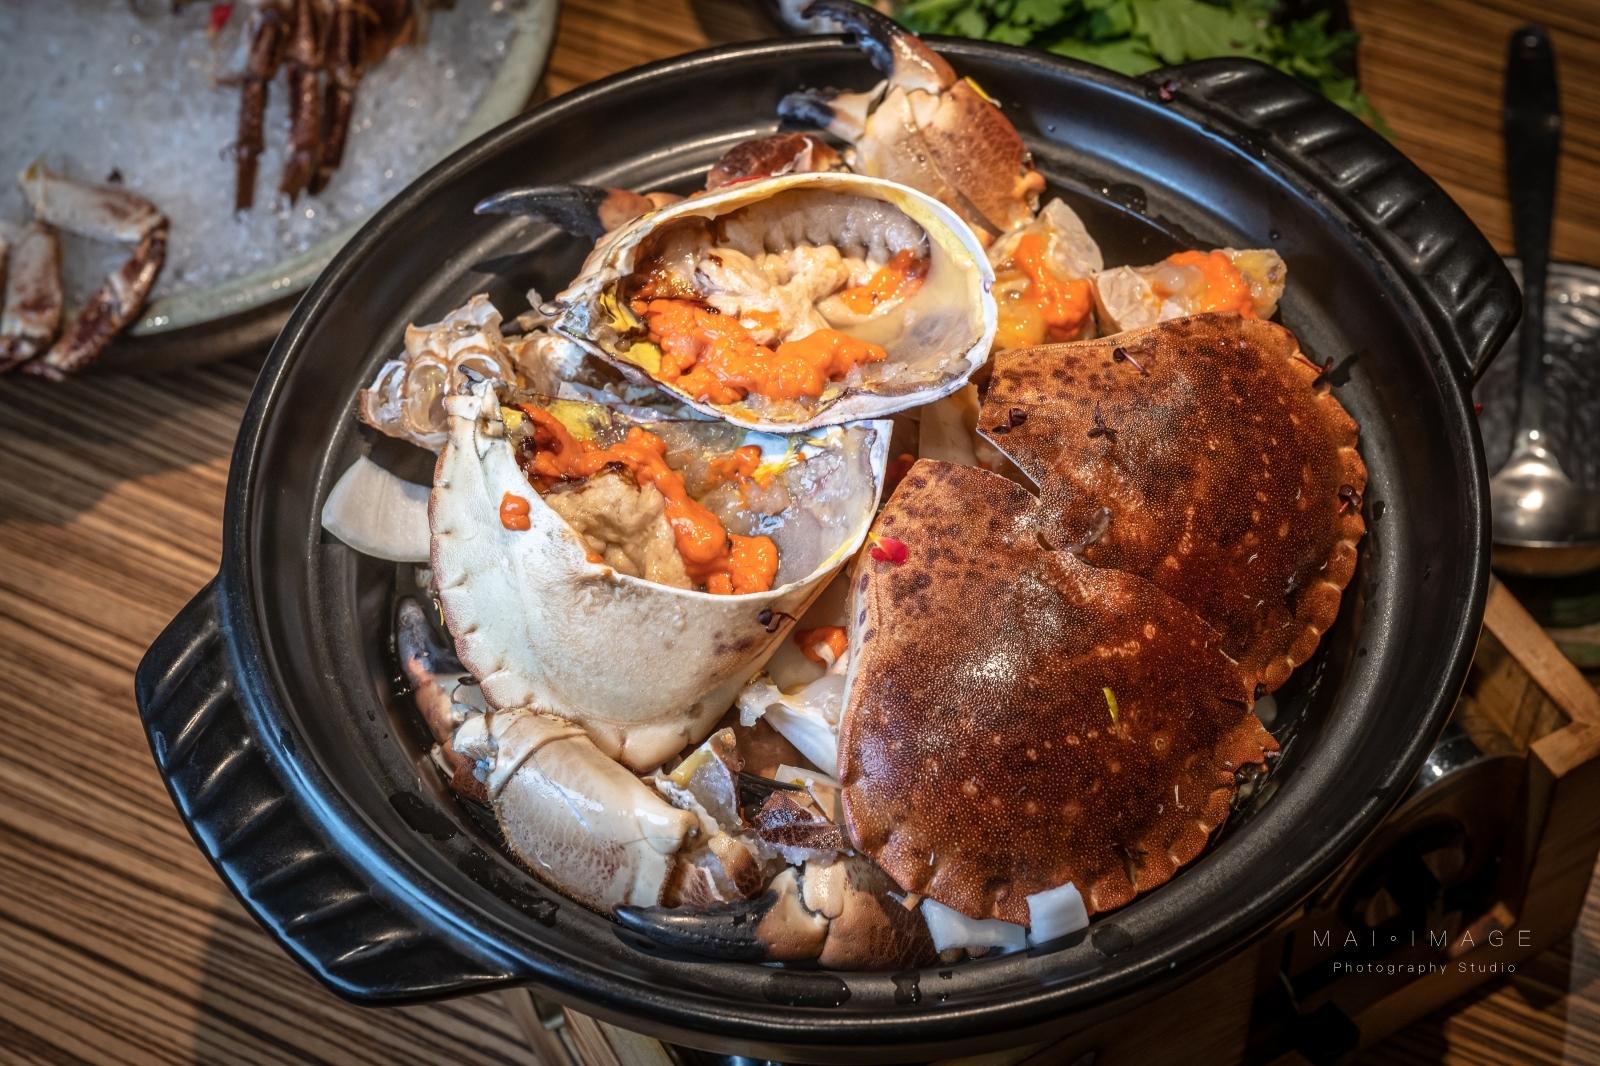 幸和殿手作日料|天冷就是要來這鍋,季節限定玫瑰膏蟹必點。主廚客製化宴席料理,聚餐、尾牙都適合。北海道秋刀魚刺身,錯過等明年|內湖日料推薦